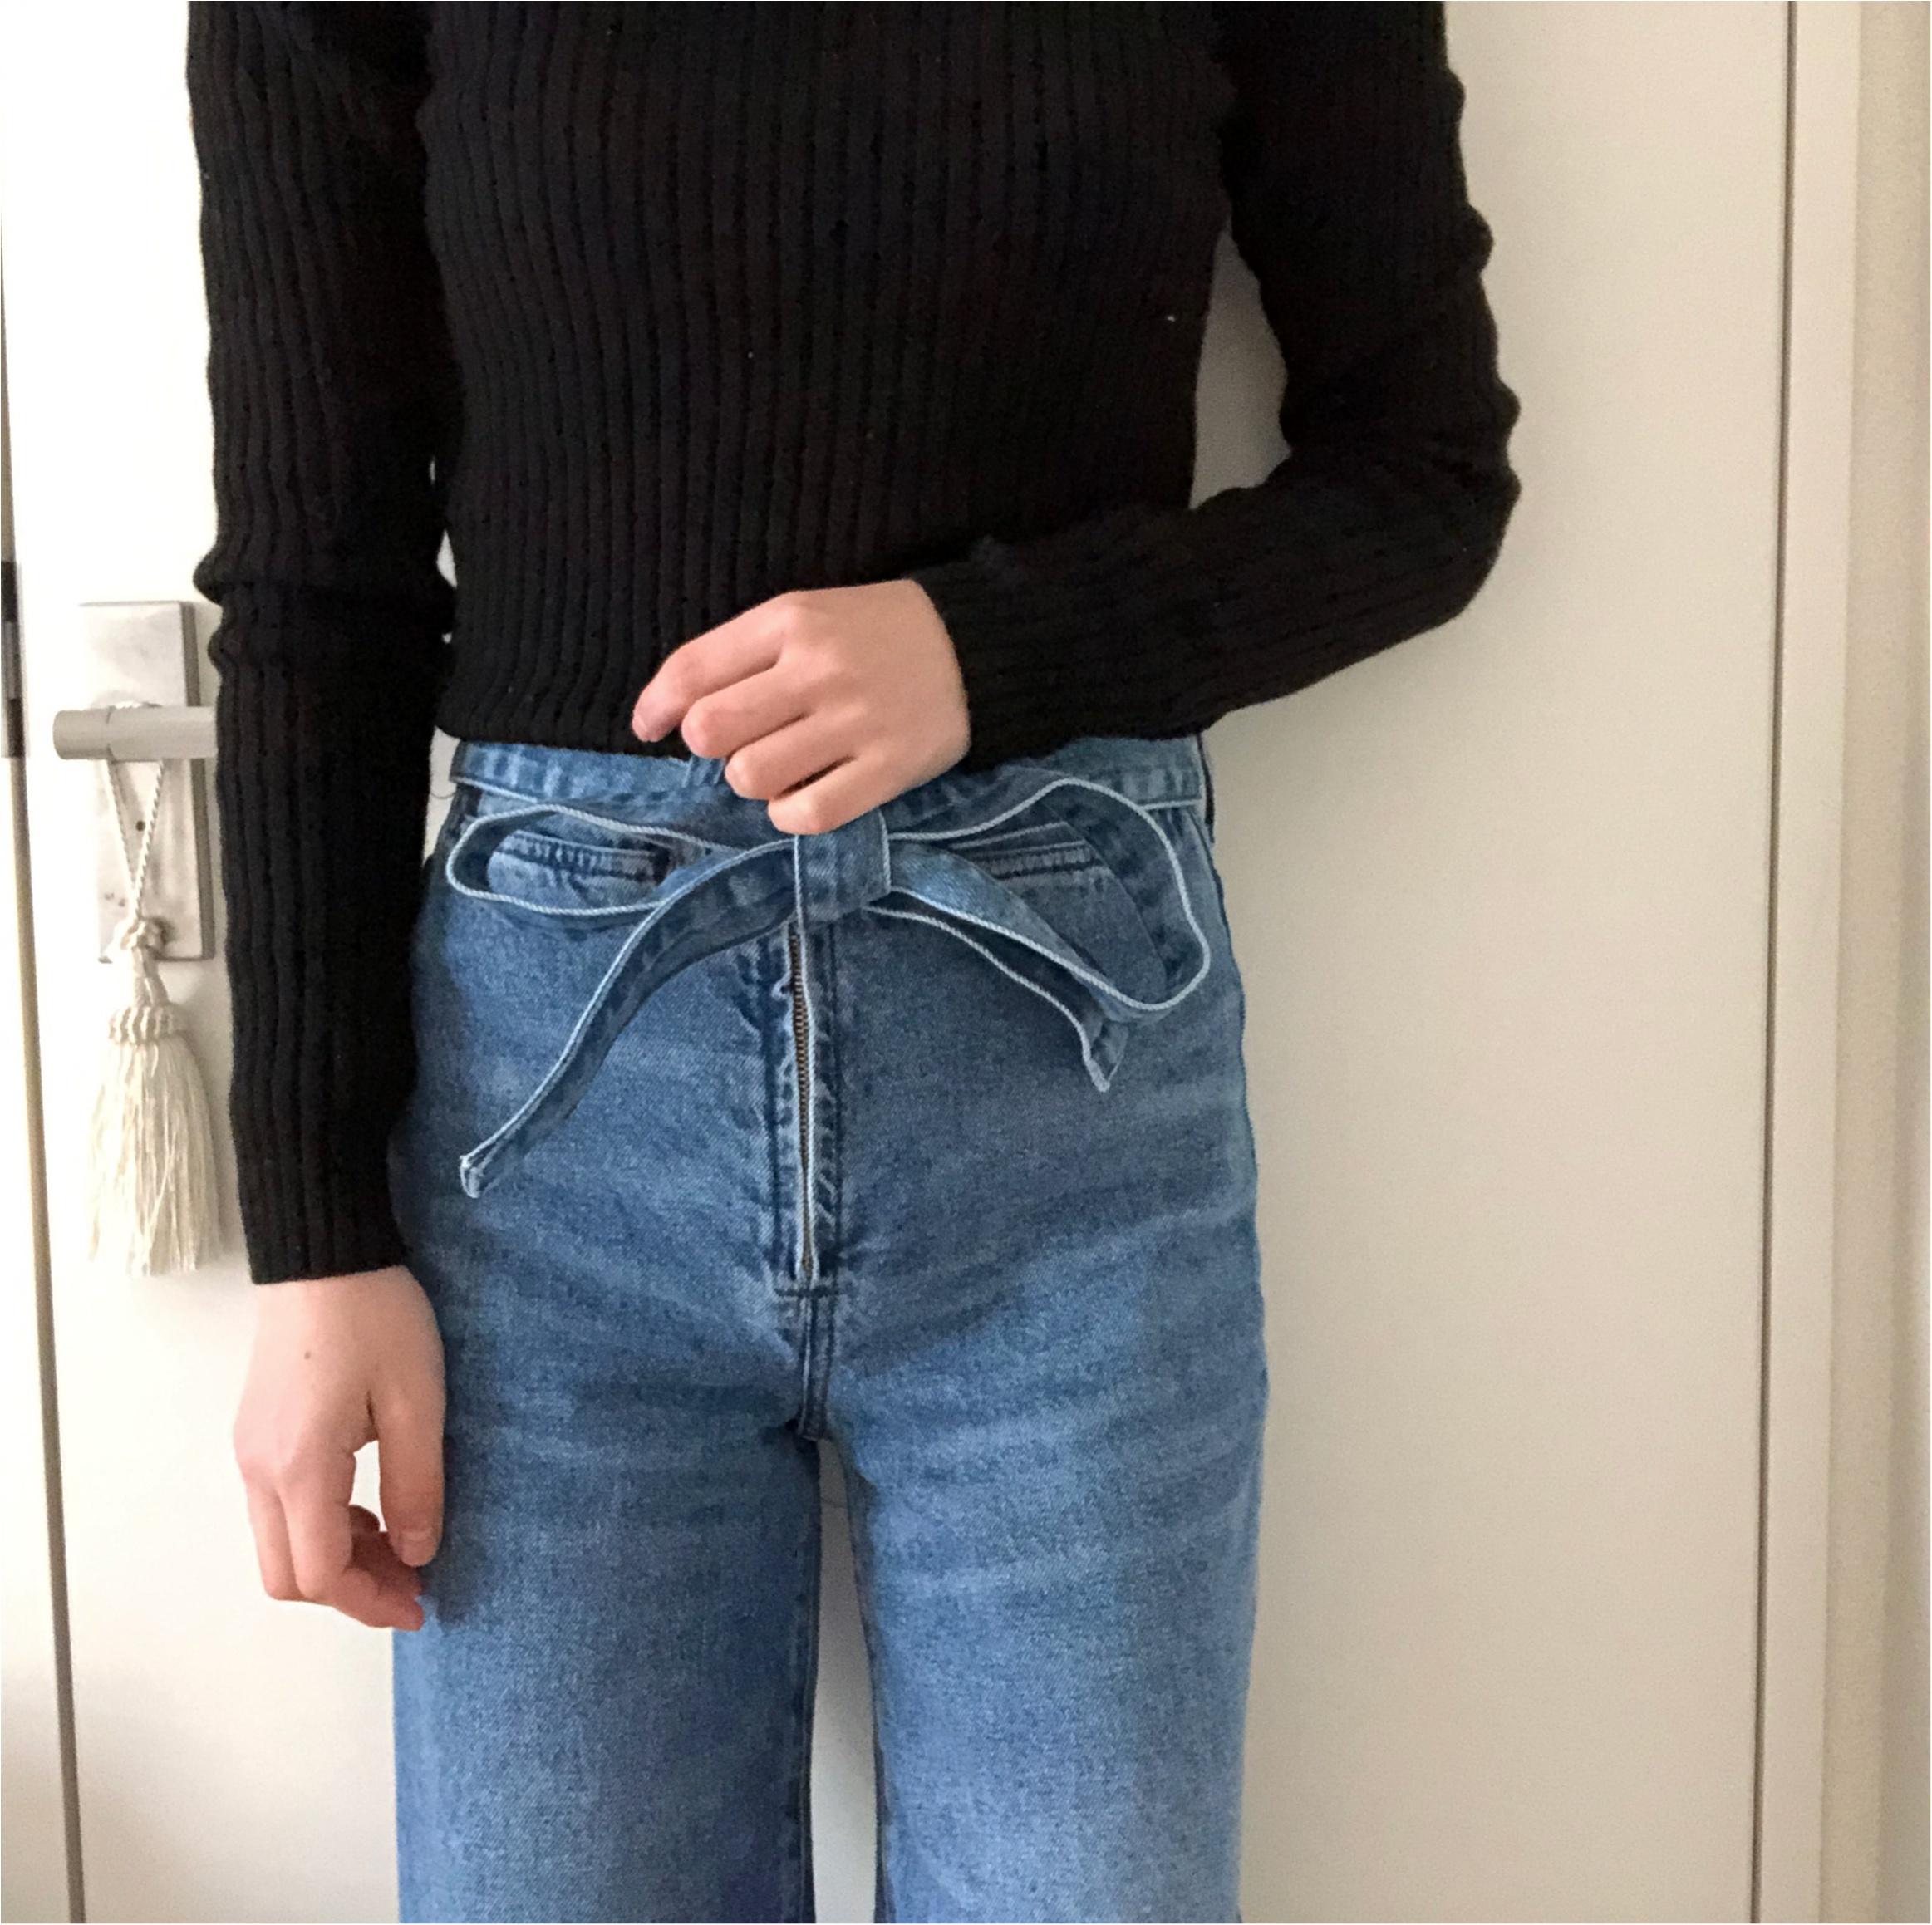 早めの春服は〈プチプラ〉で!H&Mはトップスもデニムも可愛いので、早めにGETしておきましょう!そして、この時期要チェックなおすすめショップも合わせてご紹介!_2